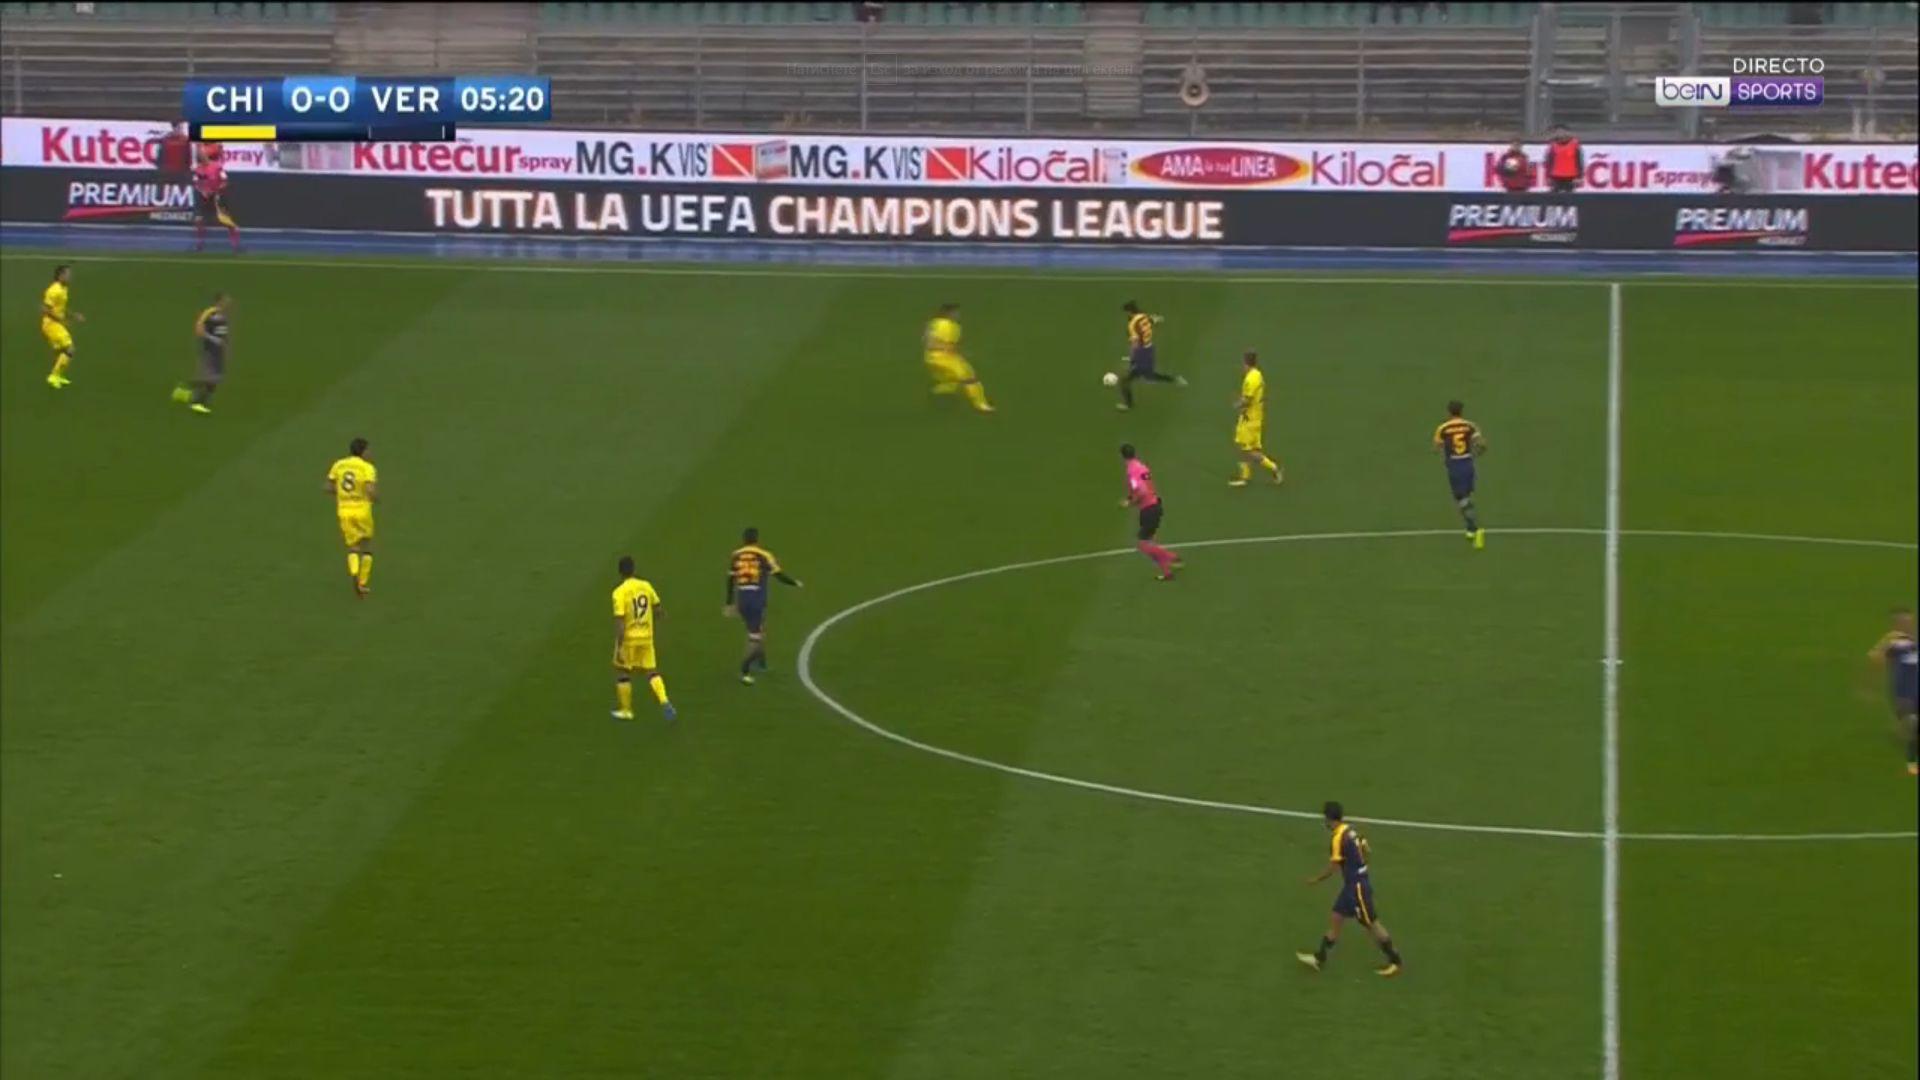 22-10-2017 - ChievoVerona 3-2 Hellas Verona